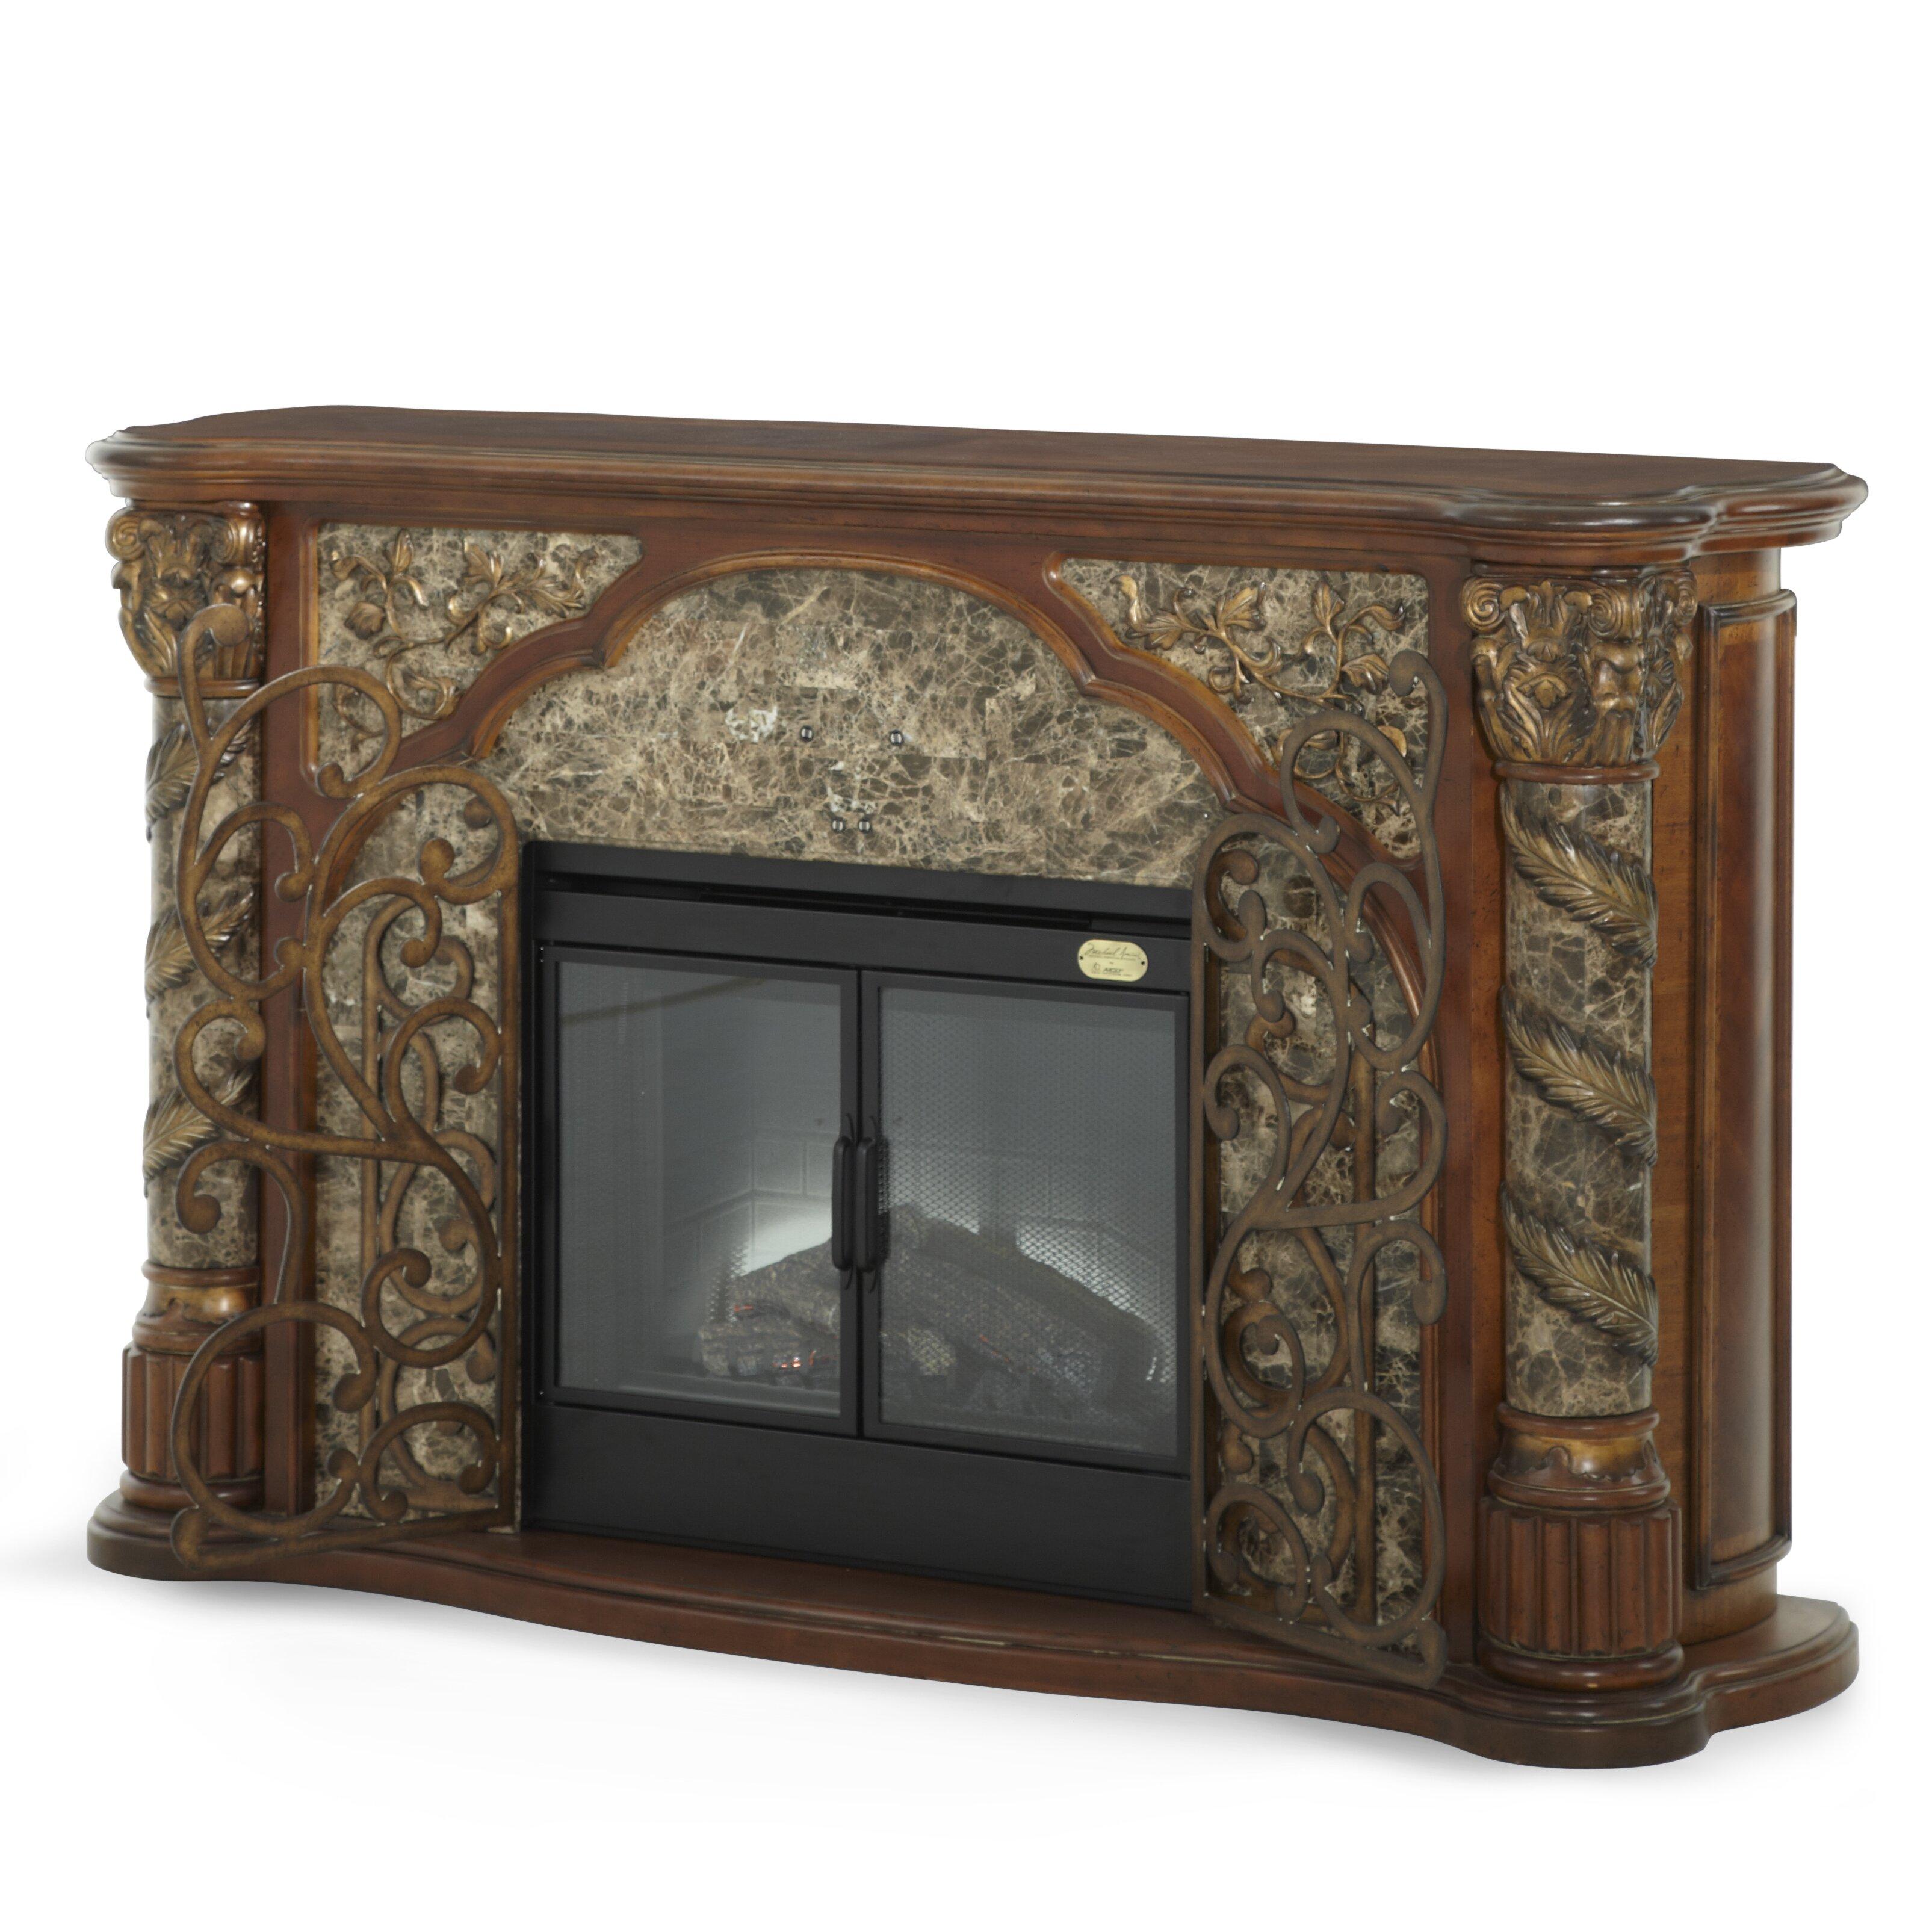 Michael Amini Villa Valencia Decorative Electric Fireplace Reviews Wa